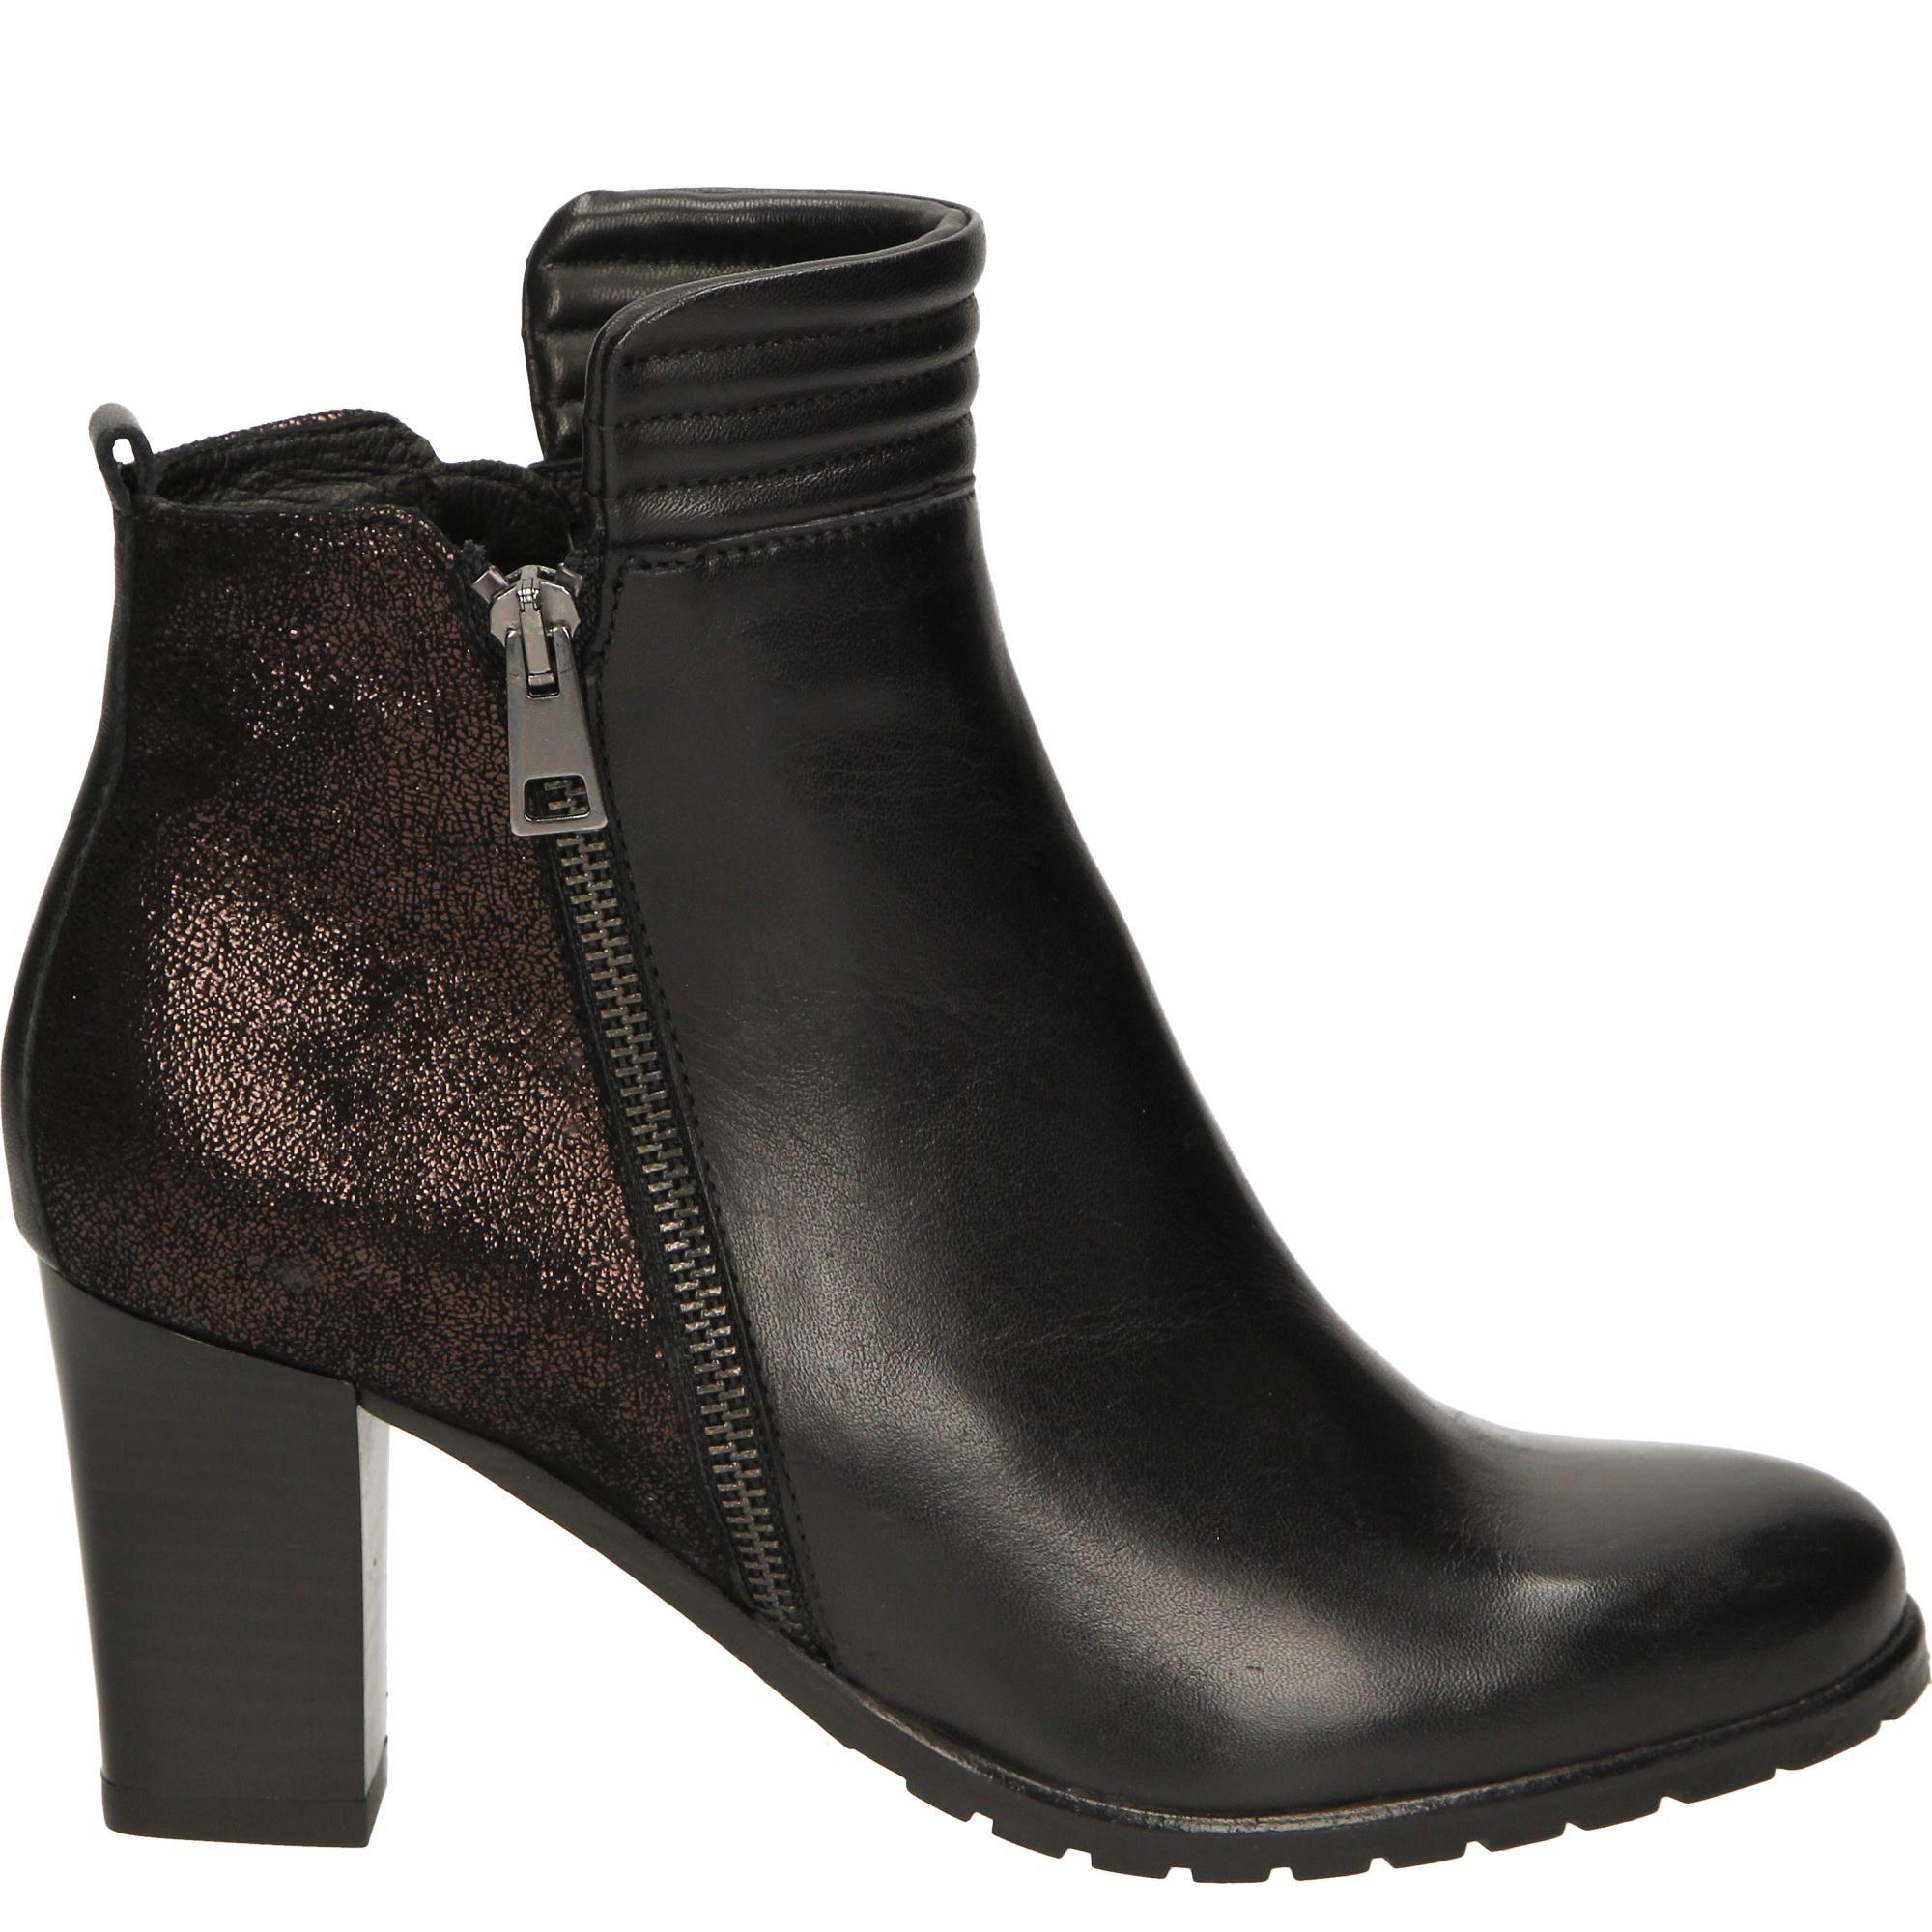 Venezia Firmowy Sklep Online Markowe Buty Online Buty Wloskie Obuwie Damskie Obuwie Meskie Torby Damskie Kurtki Damskie Boots Shoes Ankle Boot